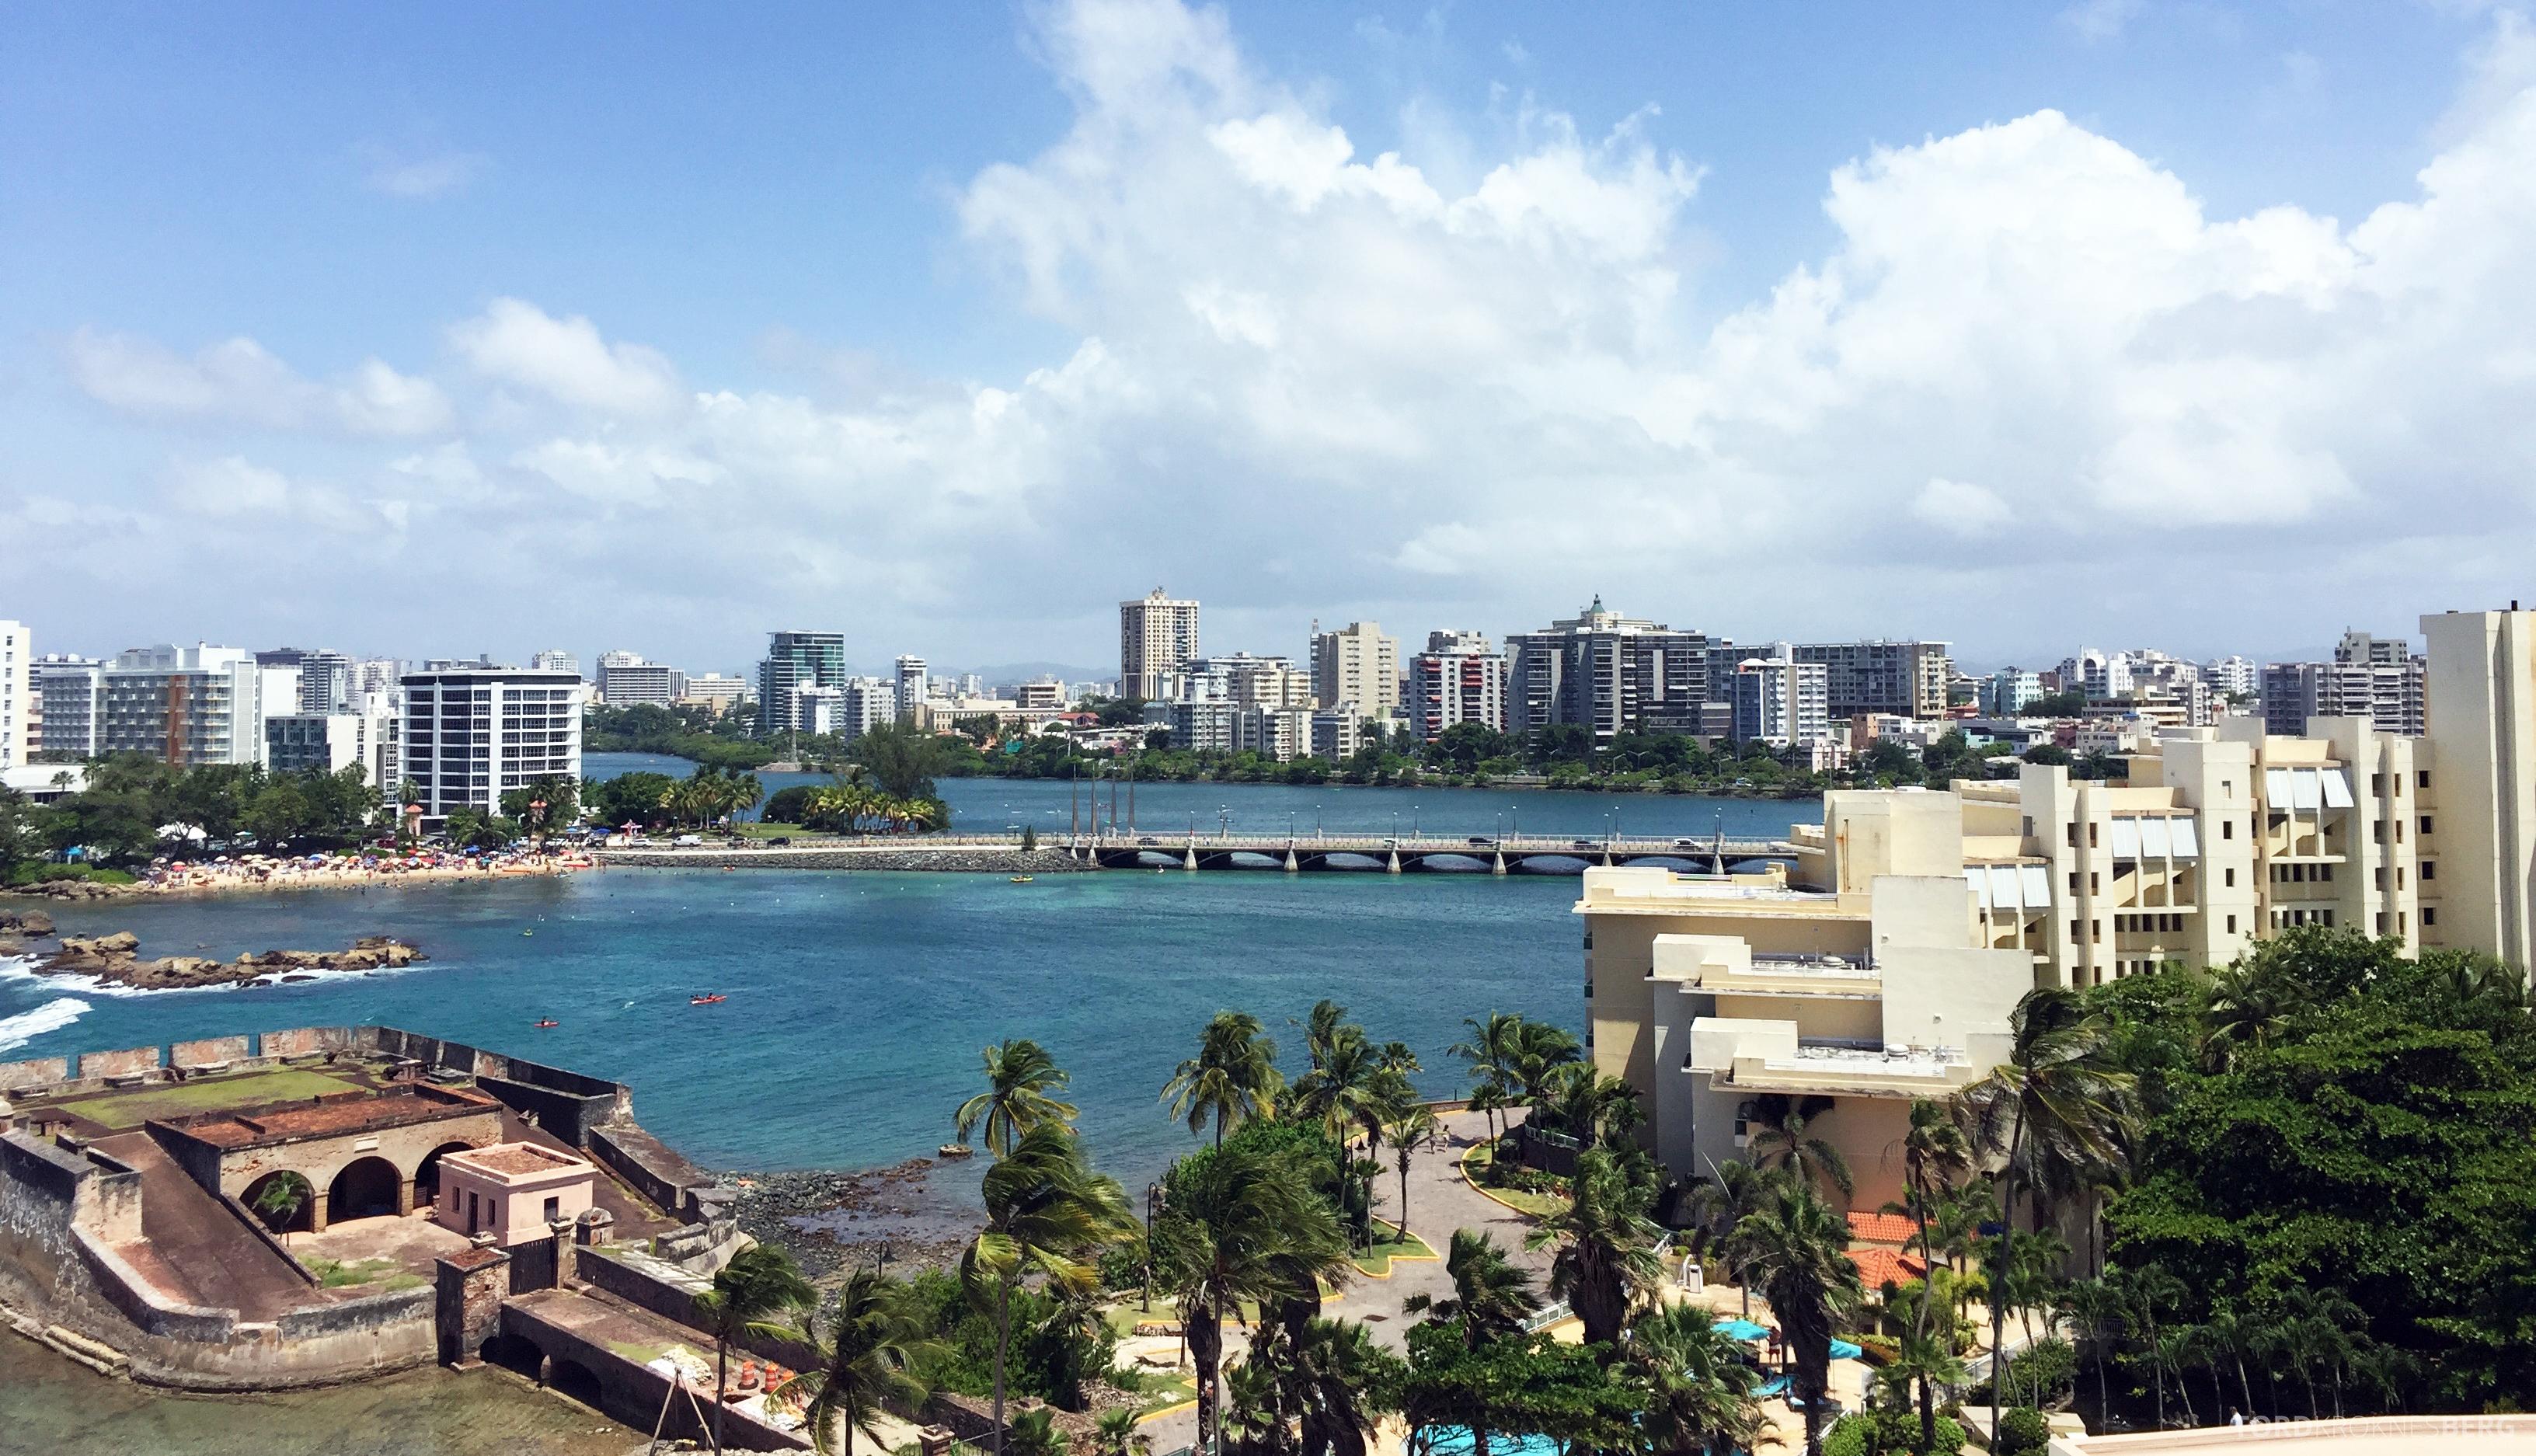 Caribe Hilton utsikt fra suite